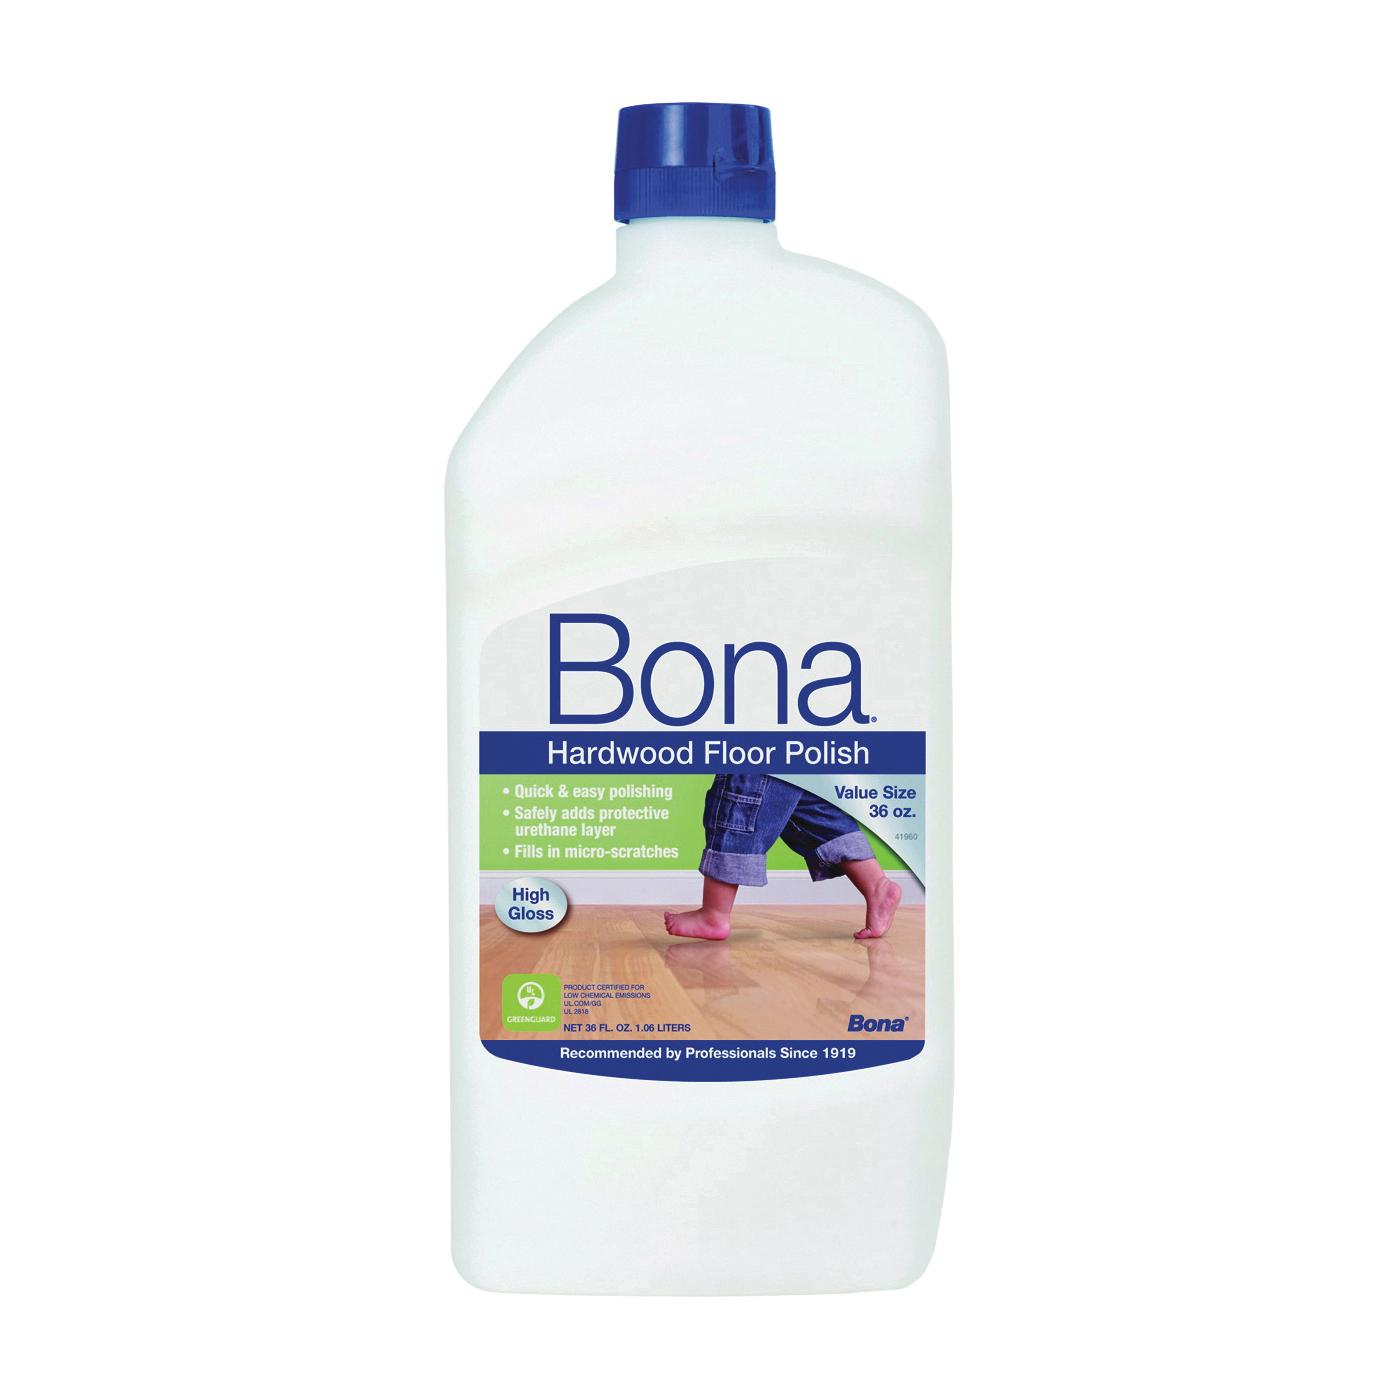 Bona WP510051002